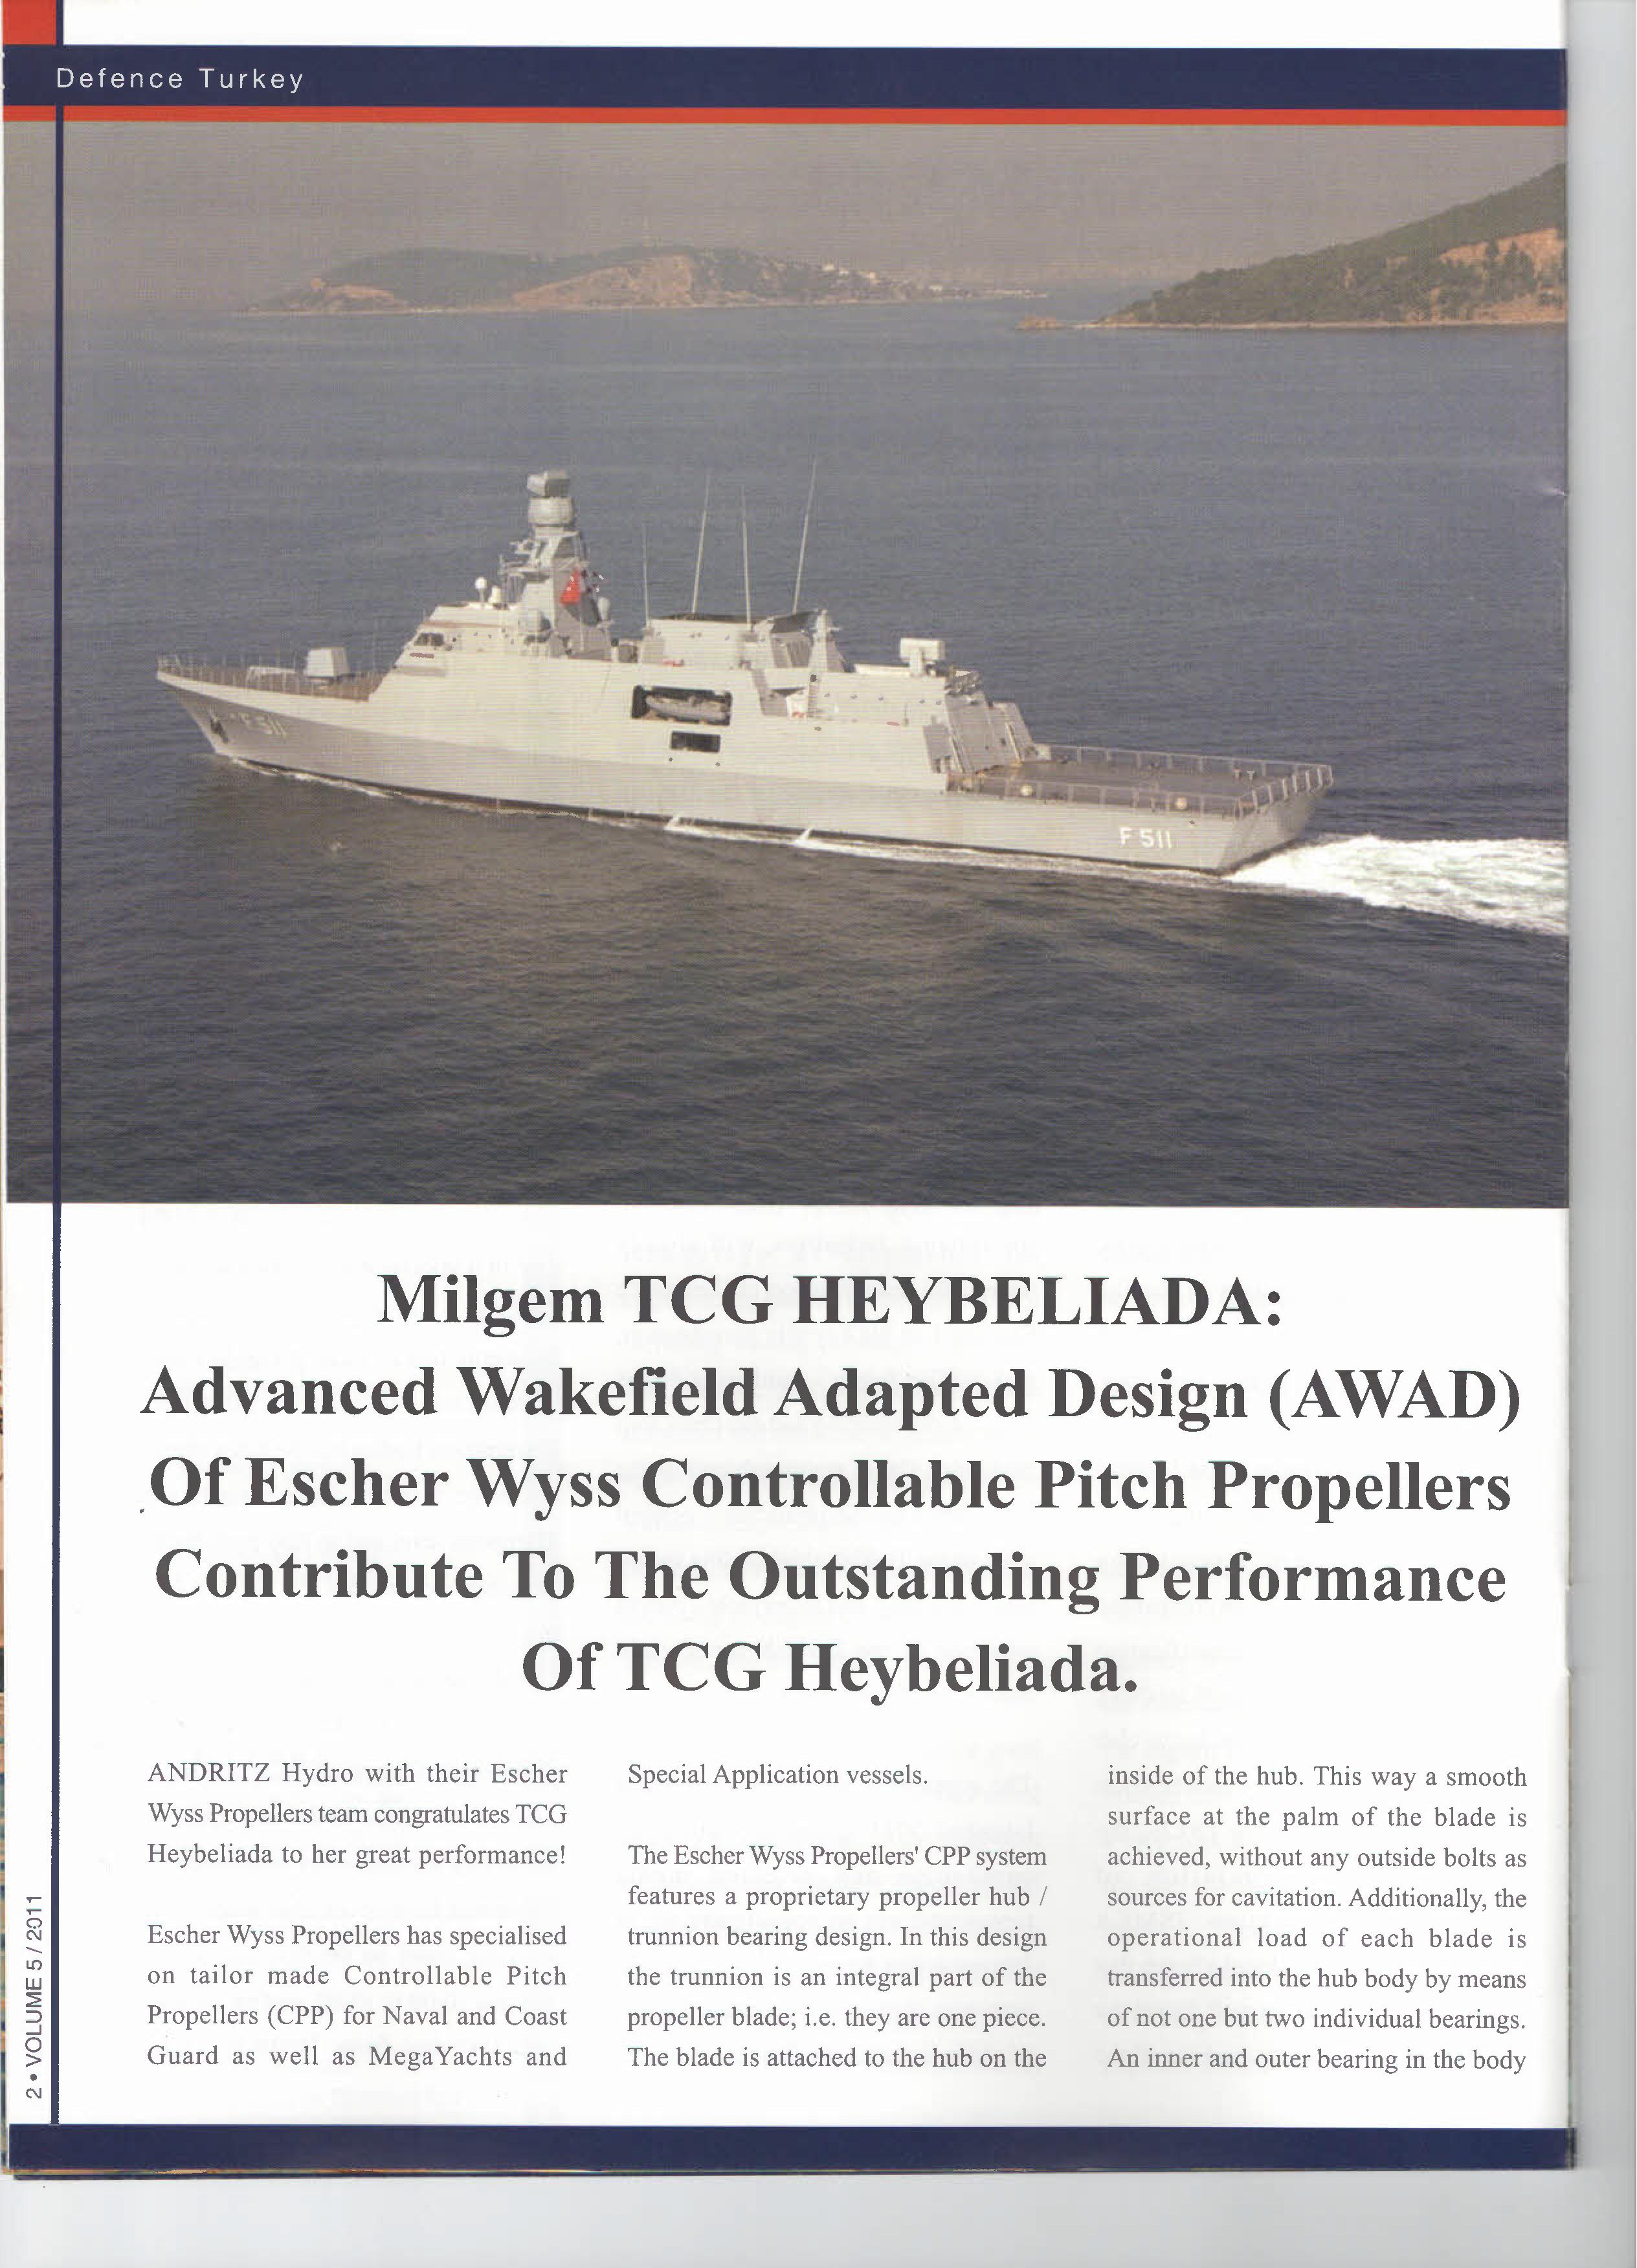 bizden-haberler-defence-turkey-volume-5-2011-1